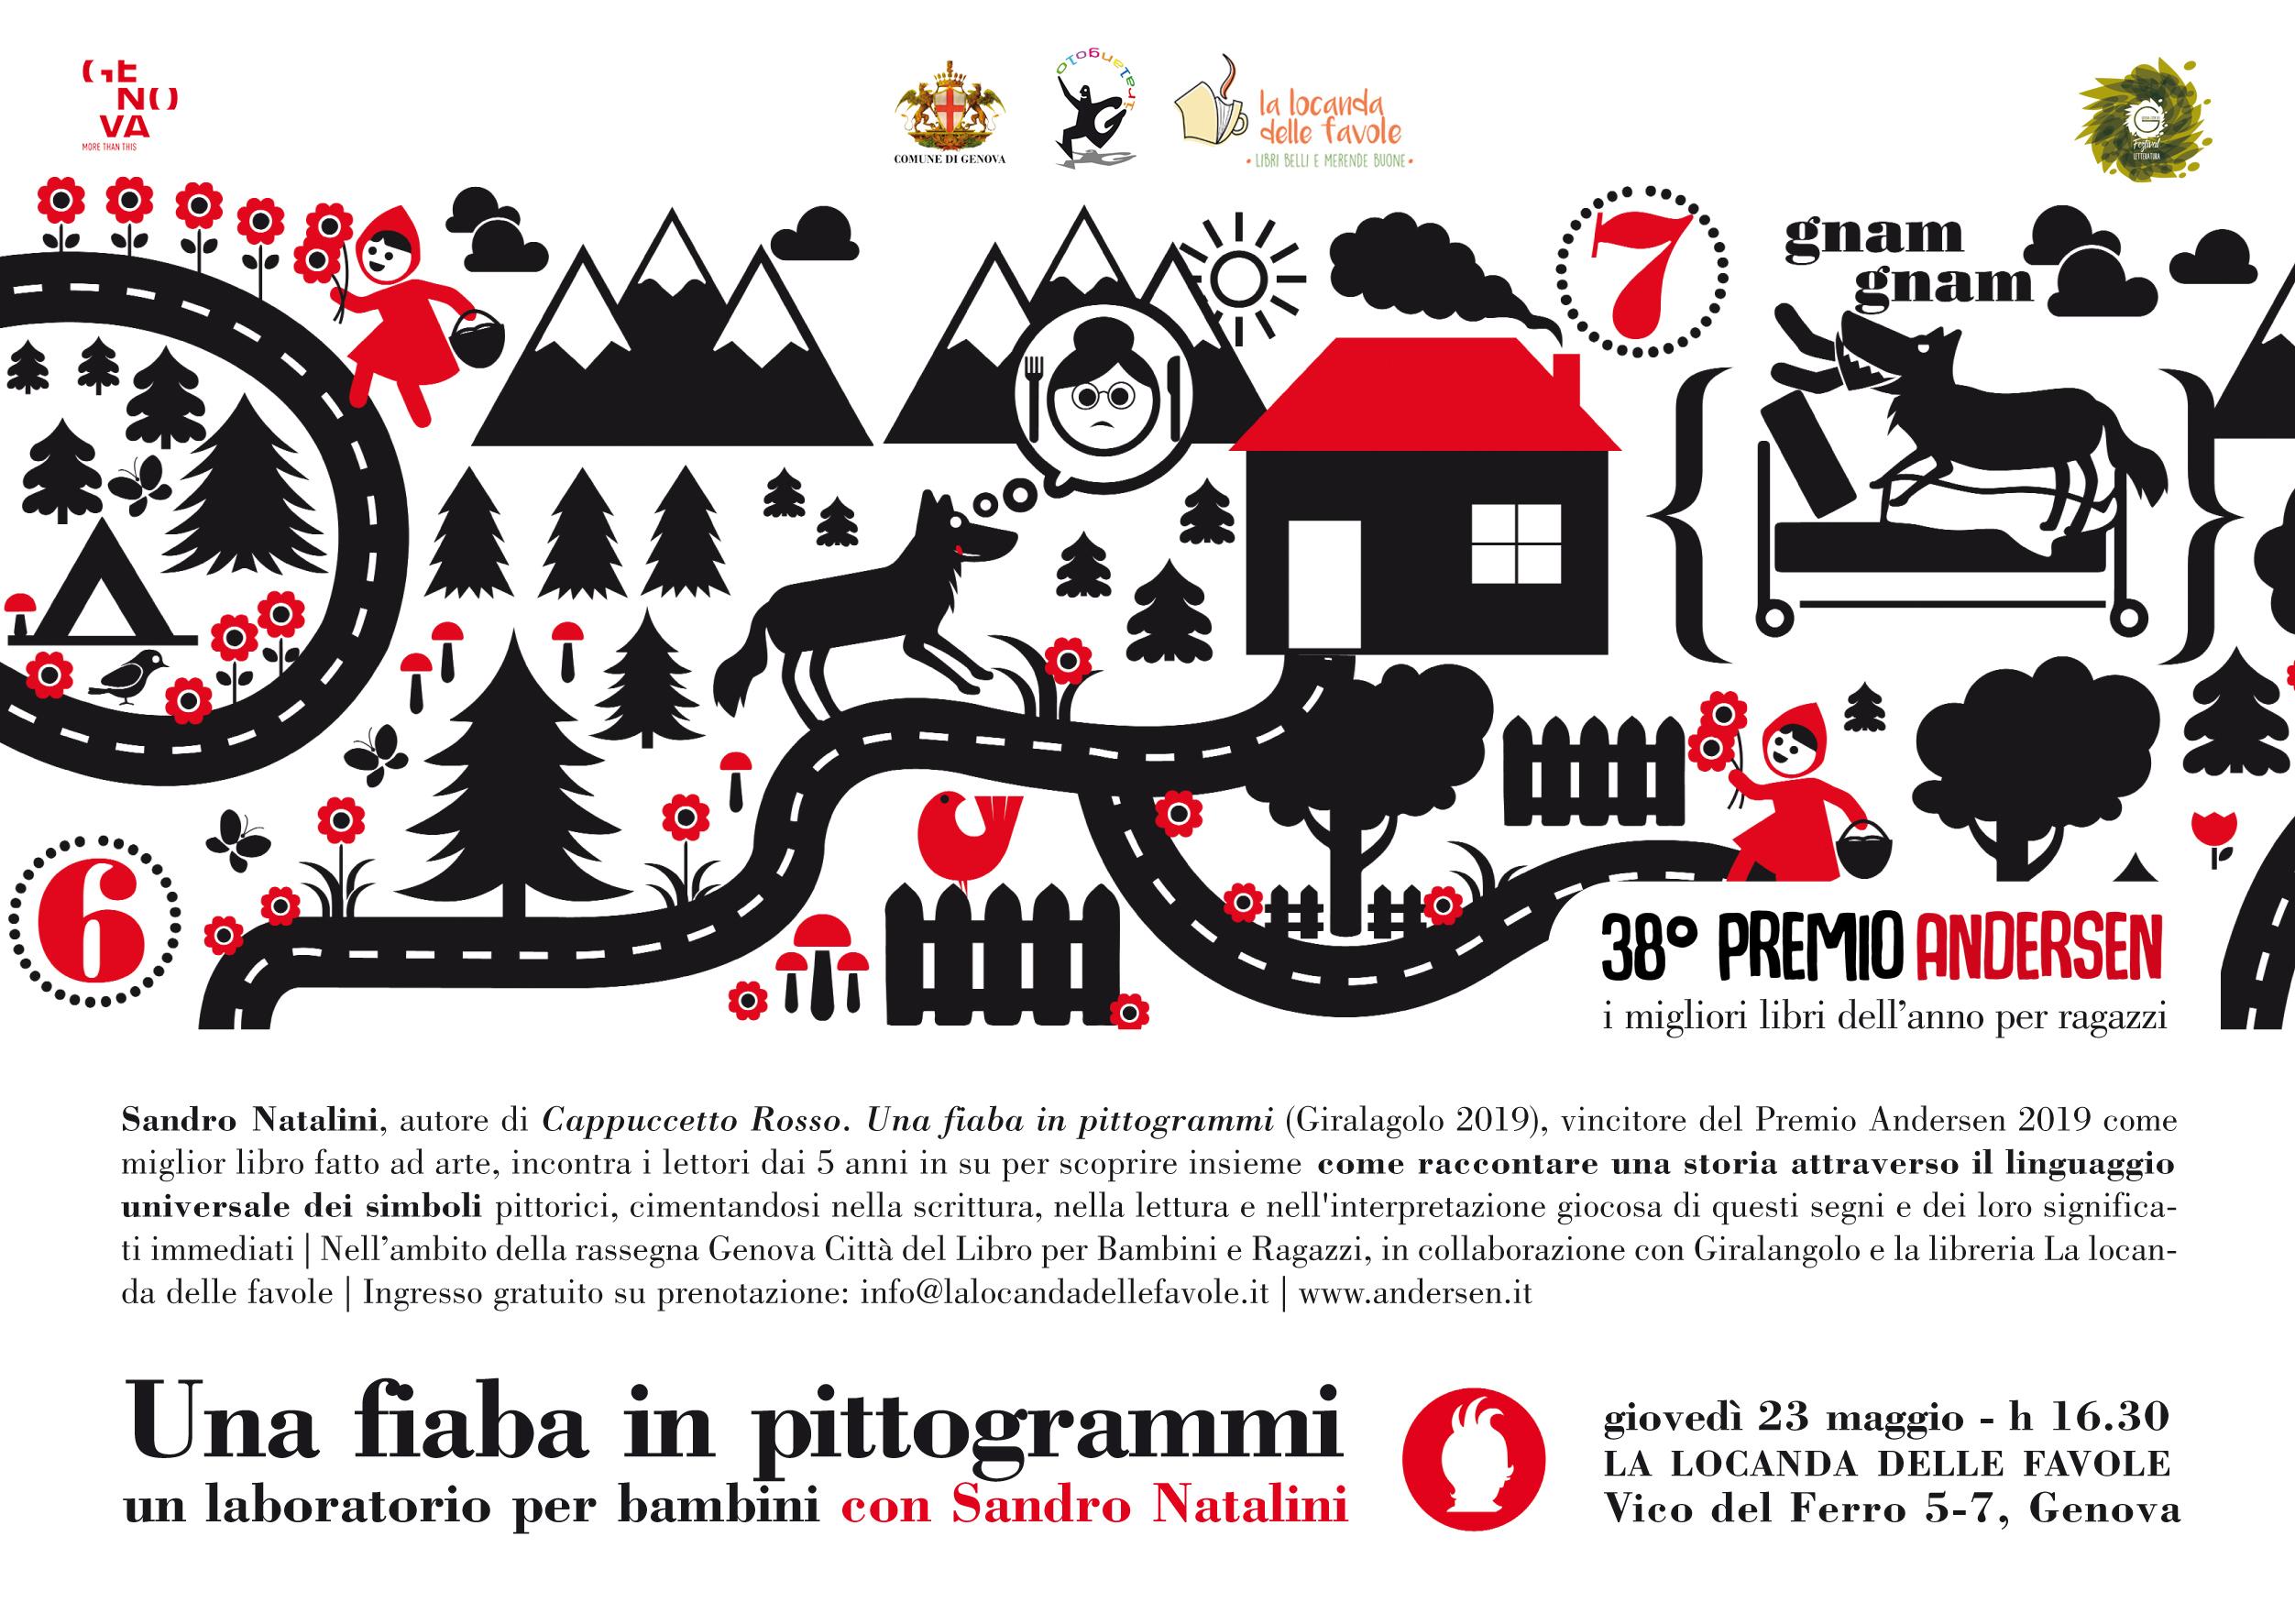 card_cappuccetto-rosso-natalini_23-maggio